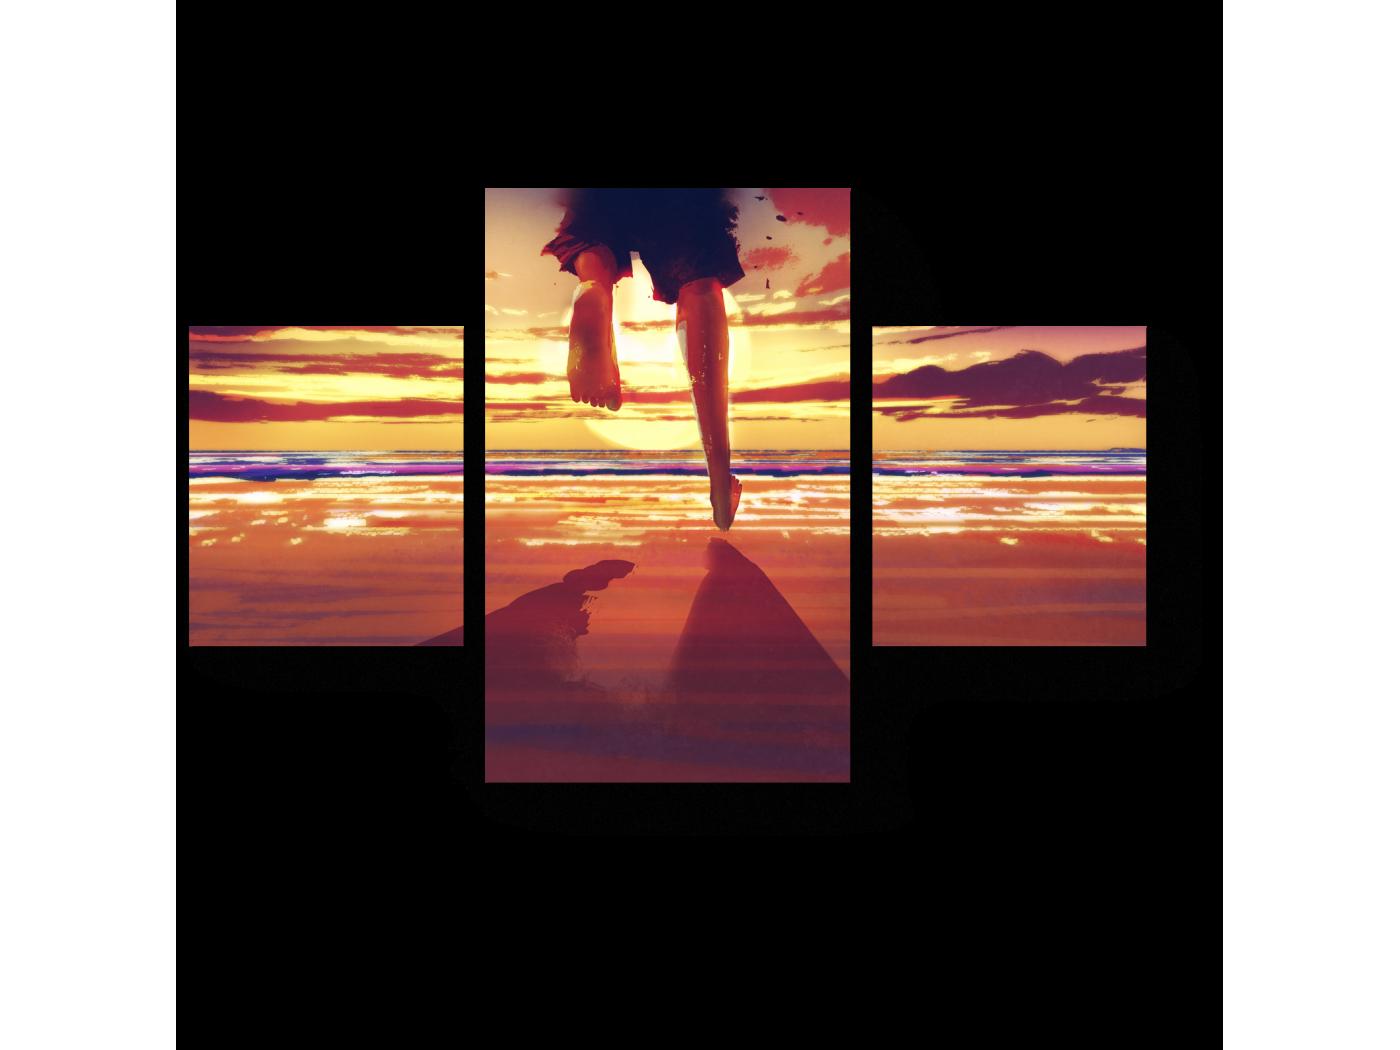 Модульная картина Навстречу счастью (80x52) фото